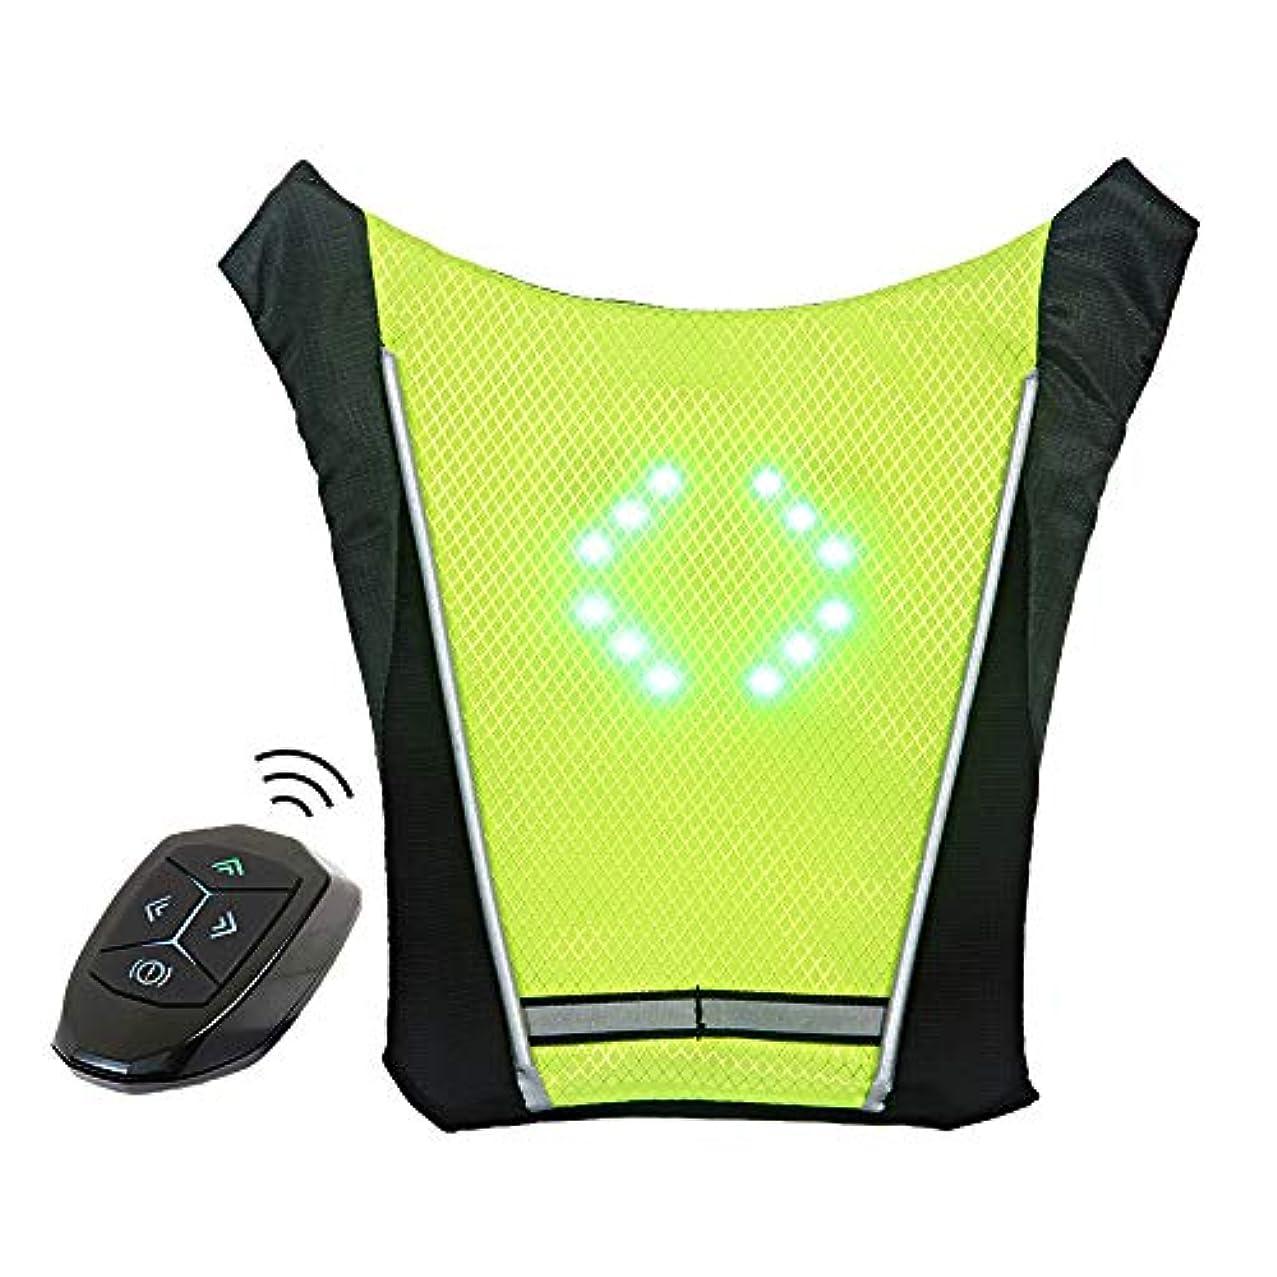 砂漠熟考する中にECEEN LED ウィンカー ベスト バイク パック ガイド ライト 反射 夜光 安全 警告 方向性 バックパック 夜間サイクリング、ランニング、ウォーキング、ハイキング用リモコン付き